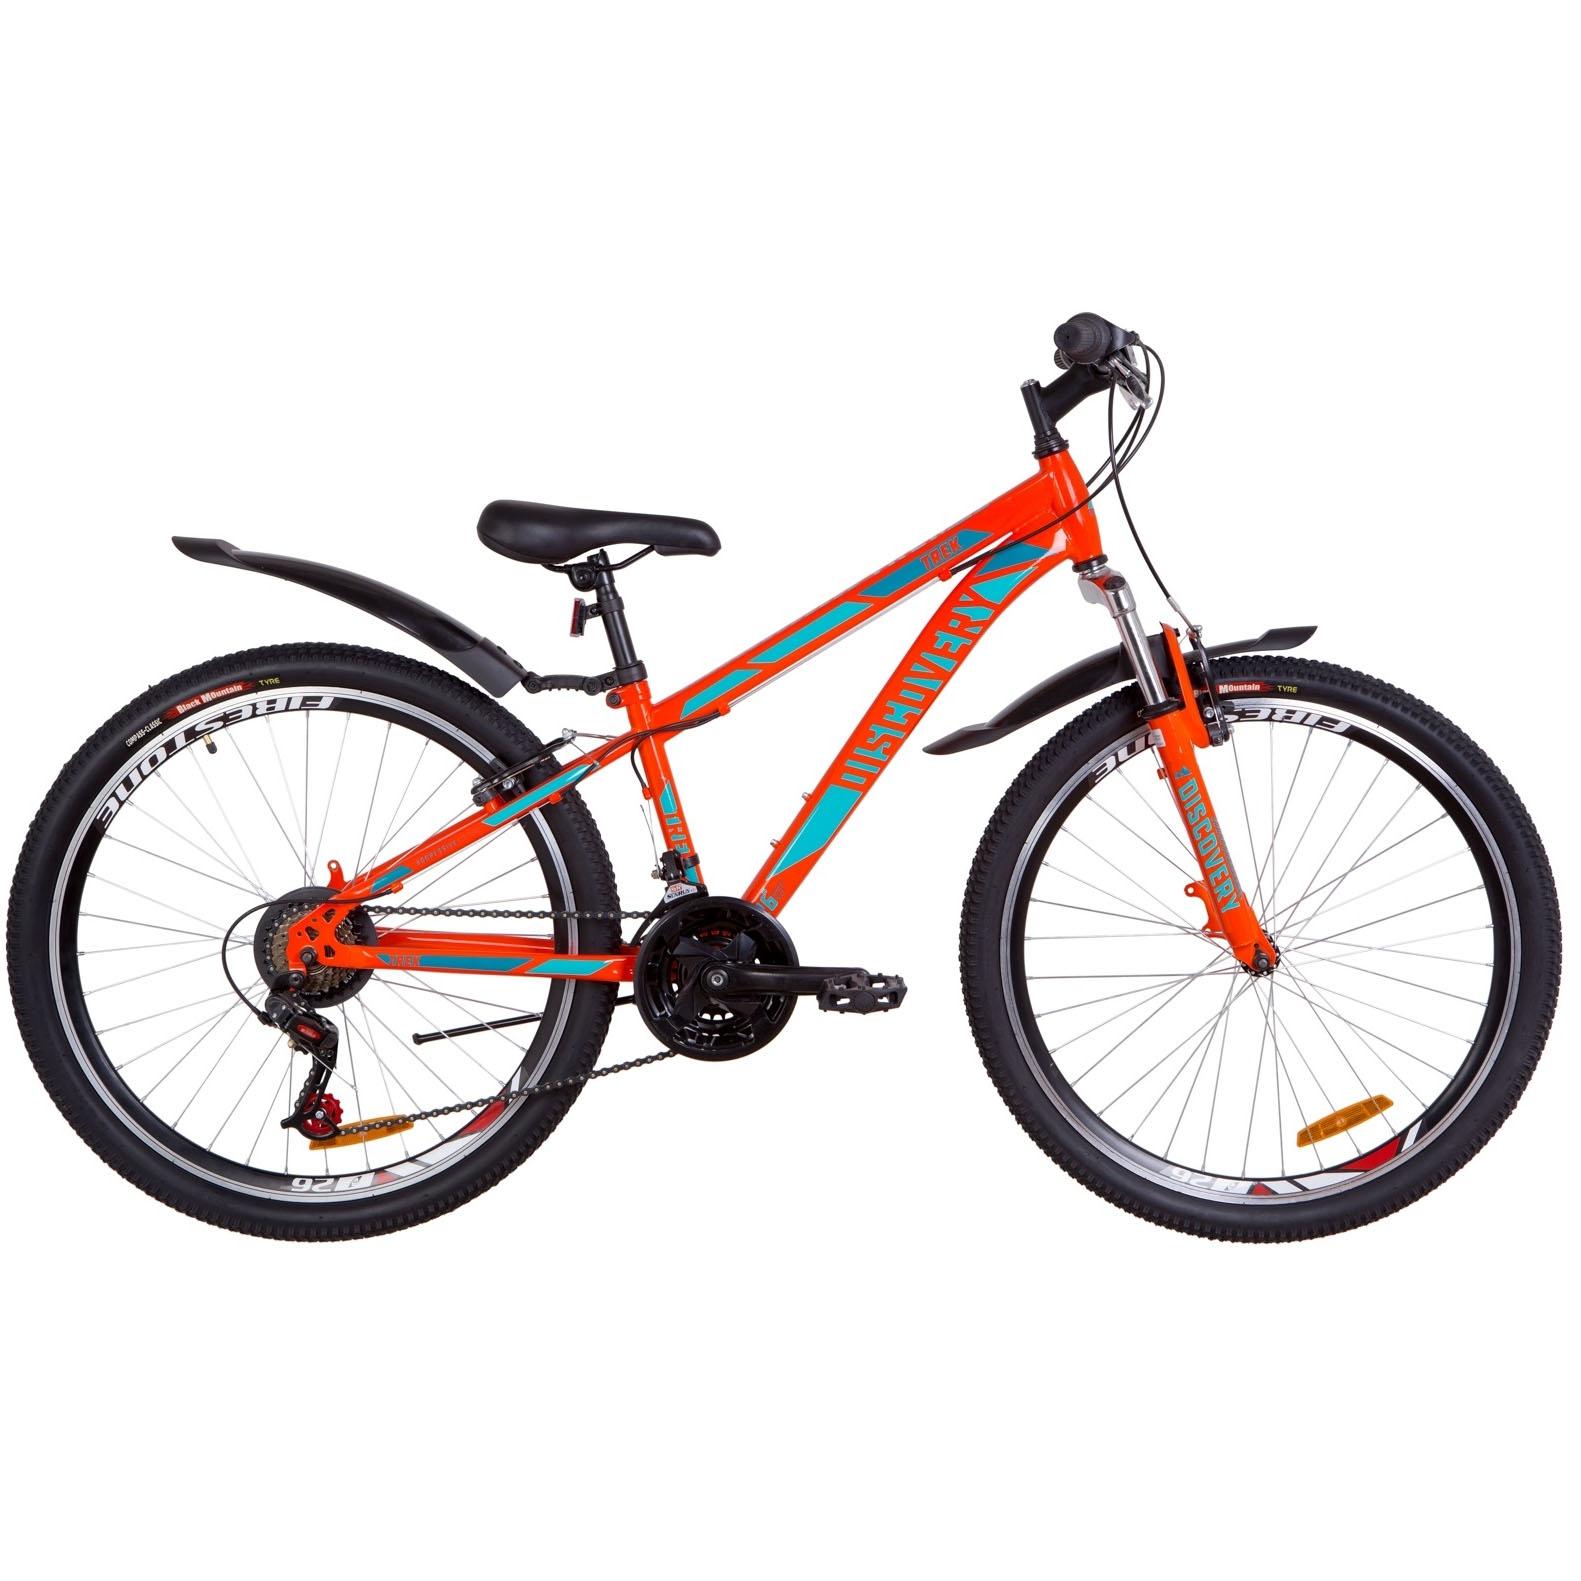 Фото Подростковый Велосипед 26  Discovery TREK оранжево-бирюзовый 2019